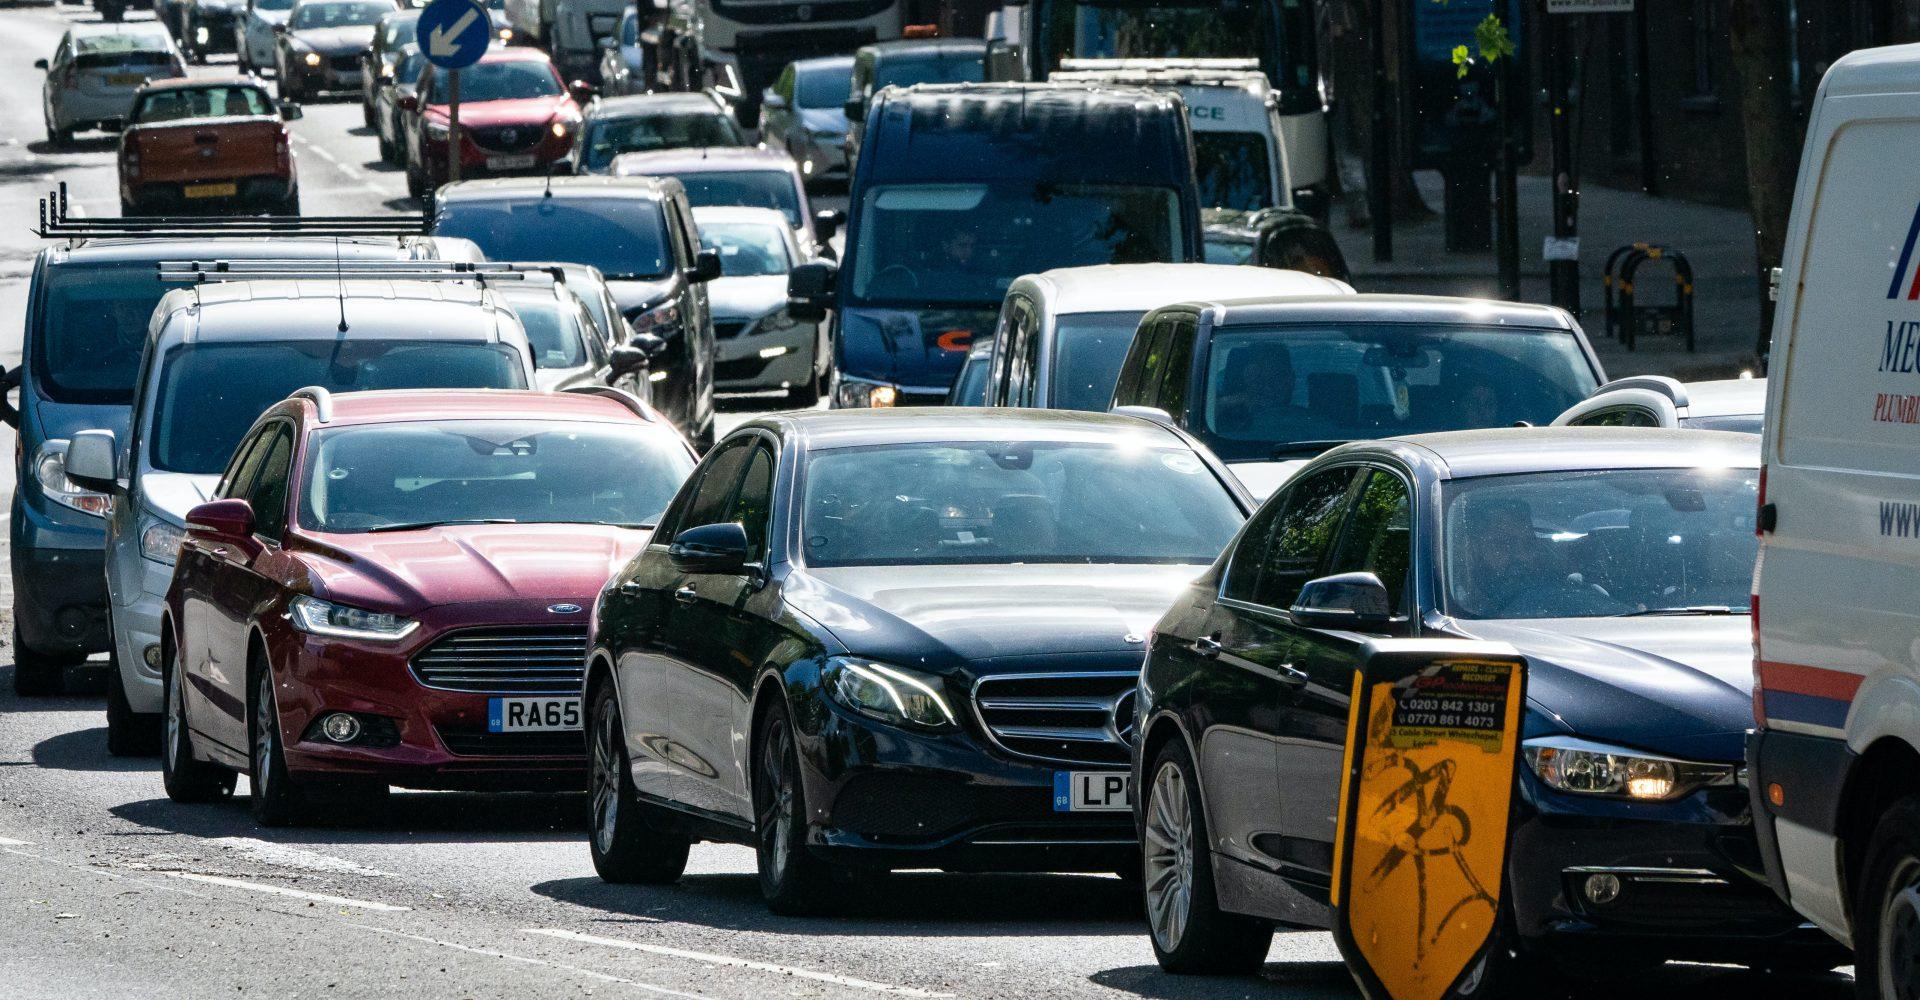 'Rush hour returns' after schools reopen